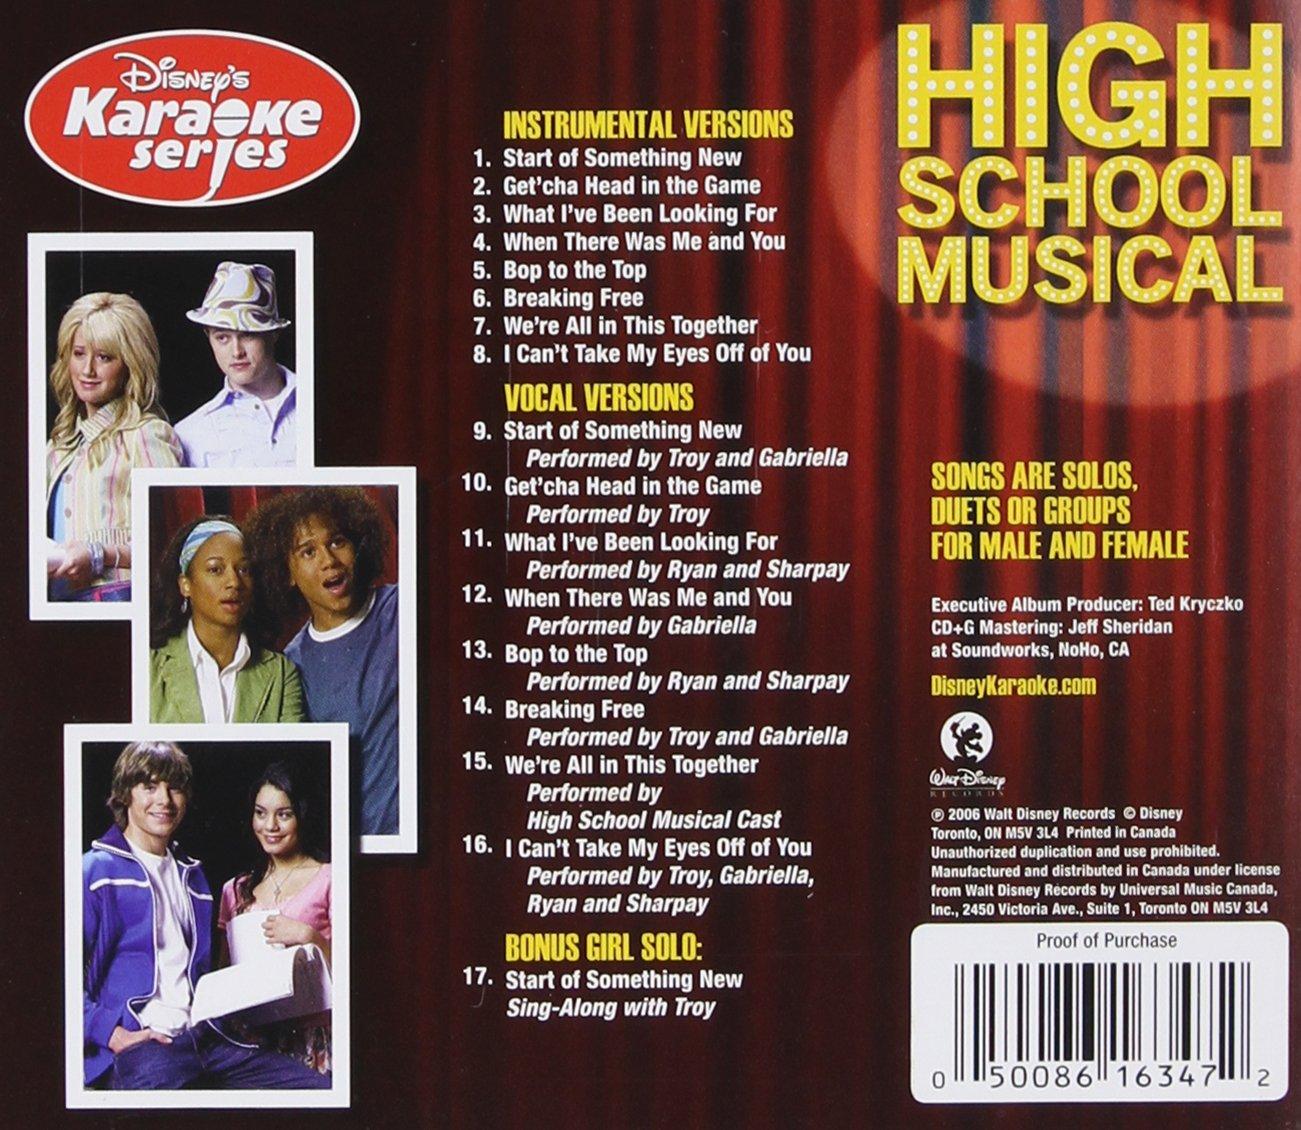 Disney's Karaoke Series: High School Musical